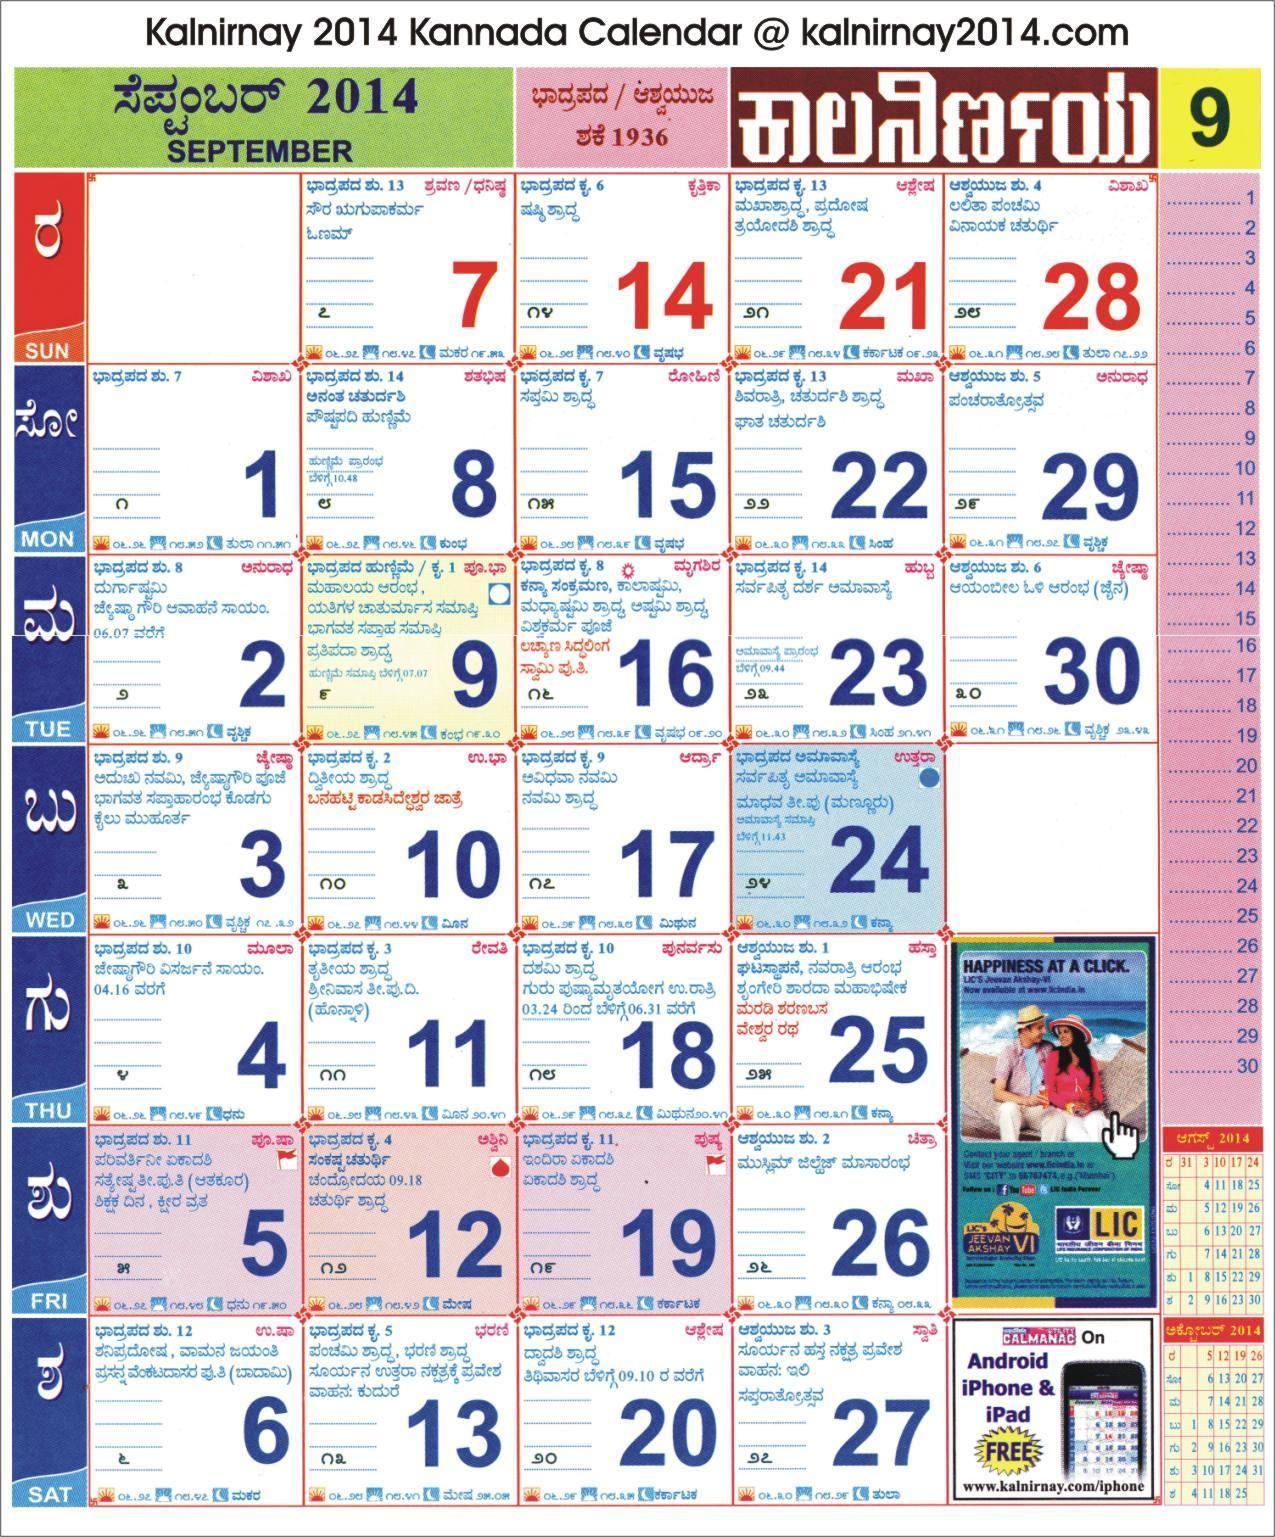 September 2014 Kannada Kalnirnay Calendar | February for Kannada Calendar 2020 August